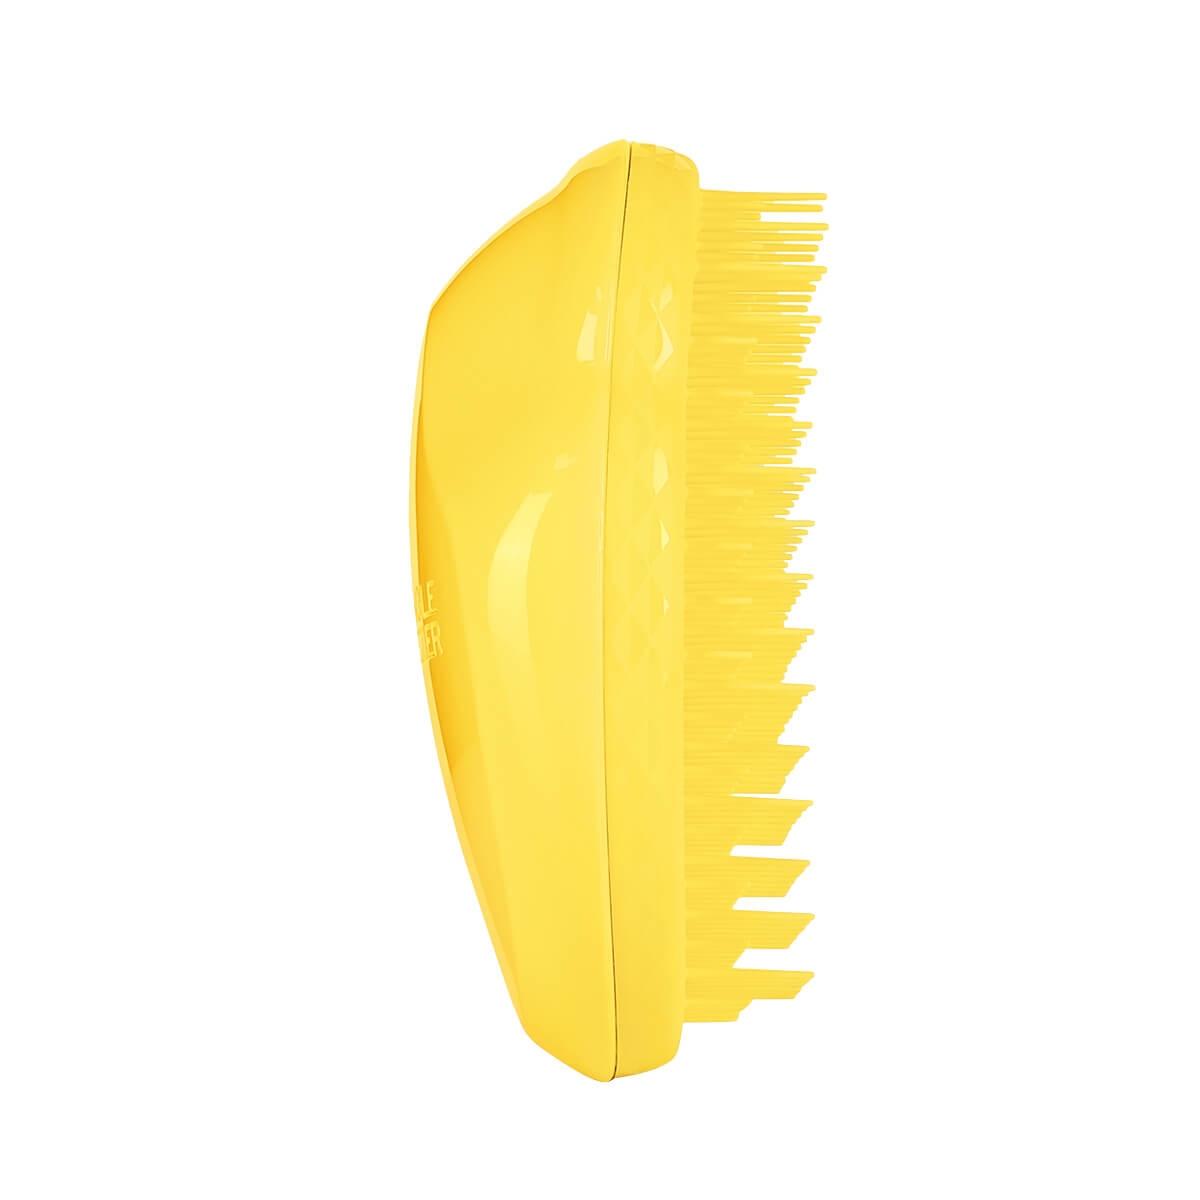 Escova de Cabelo Tangle Teezer Small The Original Yellow Sunshine 1 Unidade